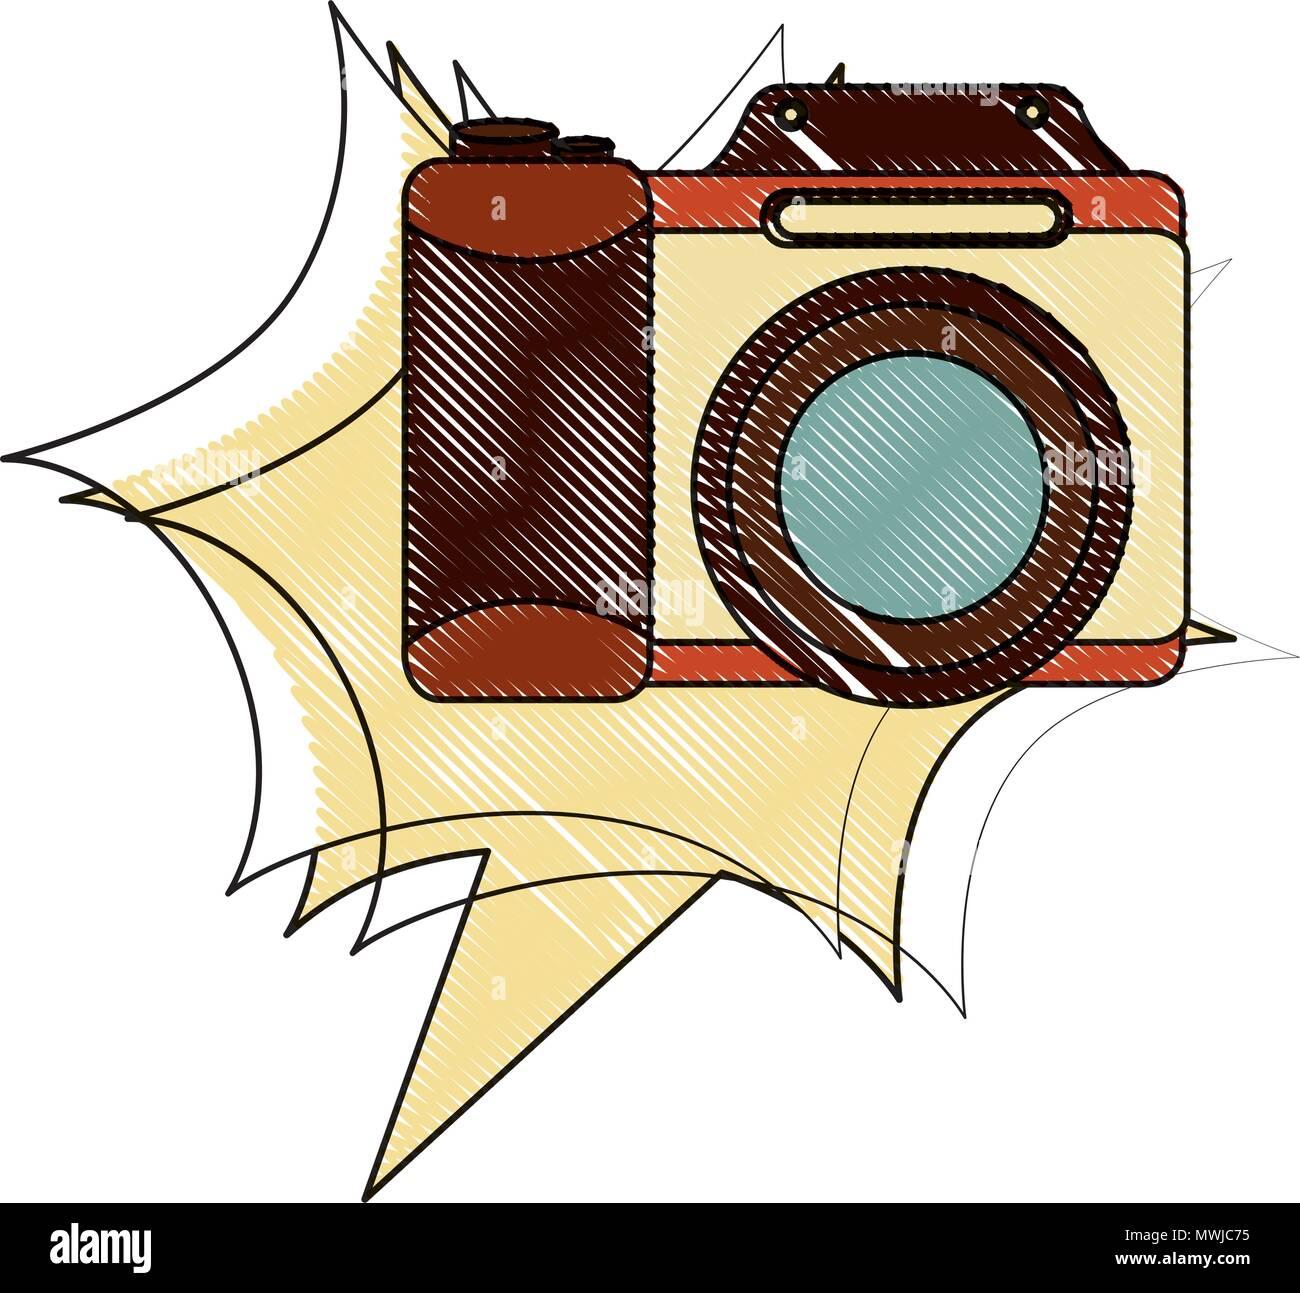 Objectif De L Appareil Photographique Vintage Retro Dessin